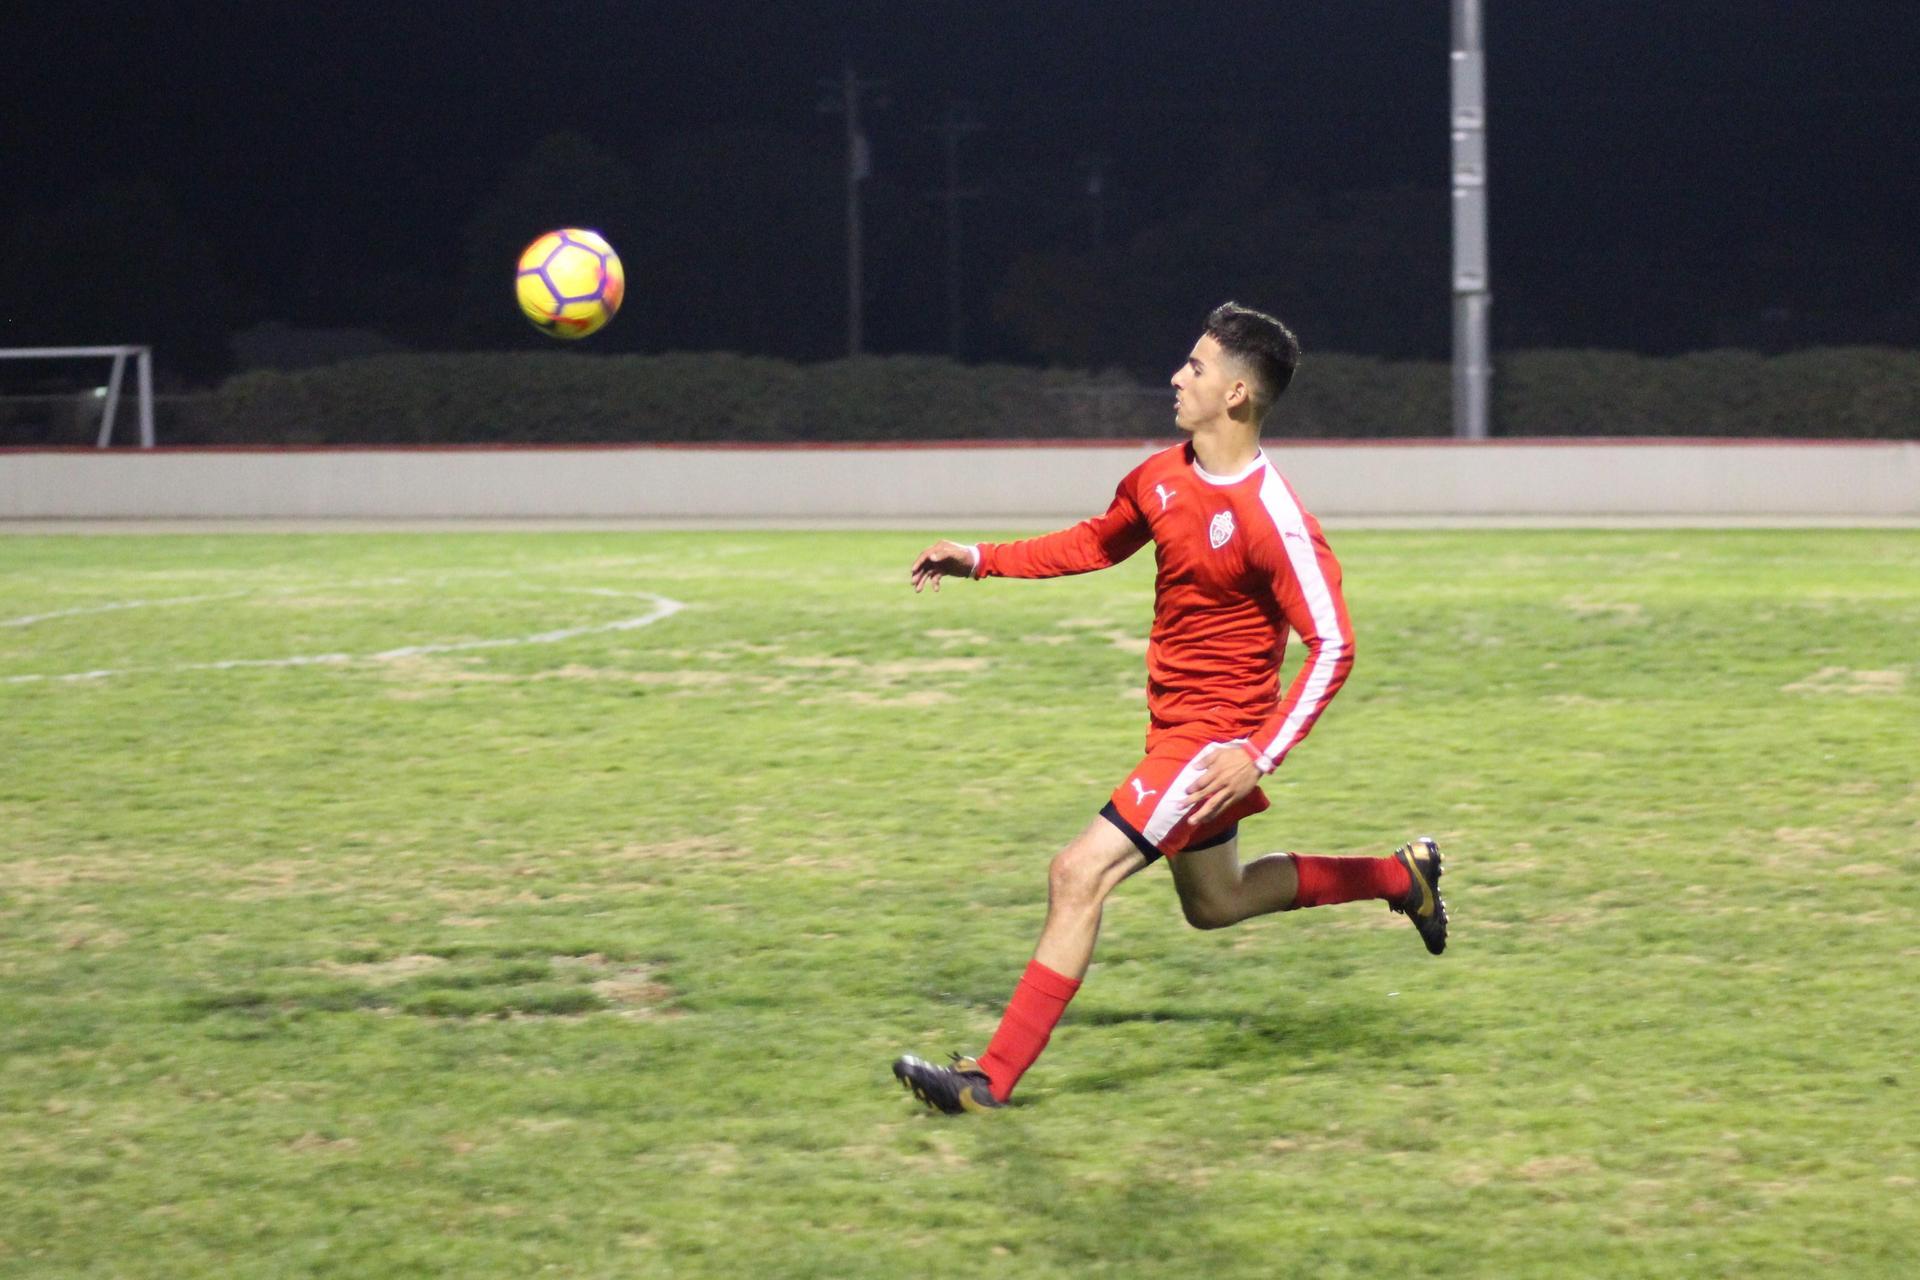 Christian Fernandez running after the ball